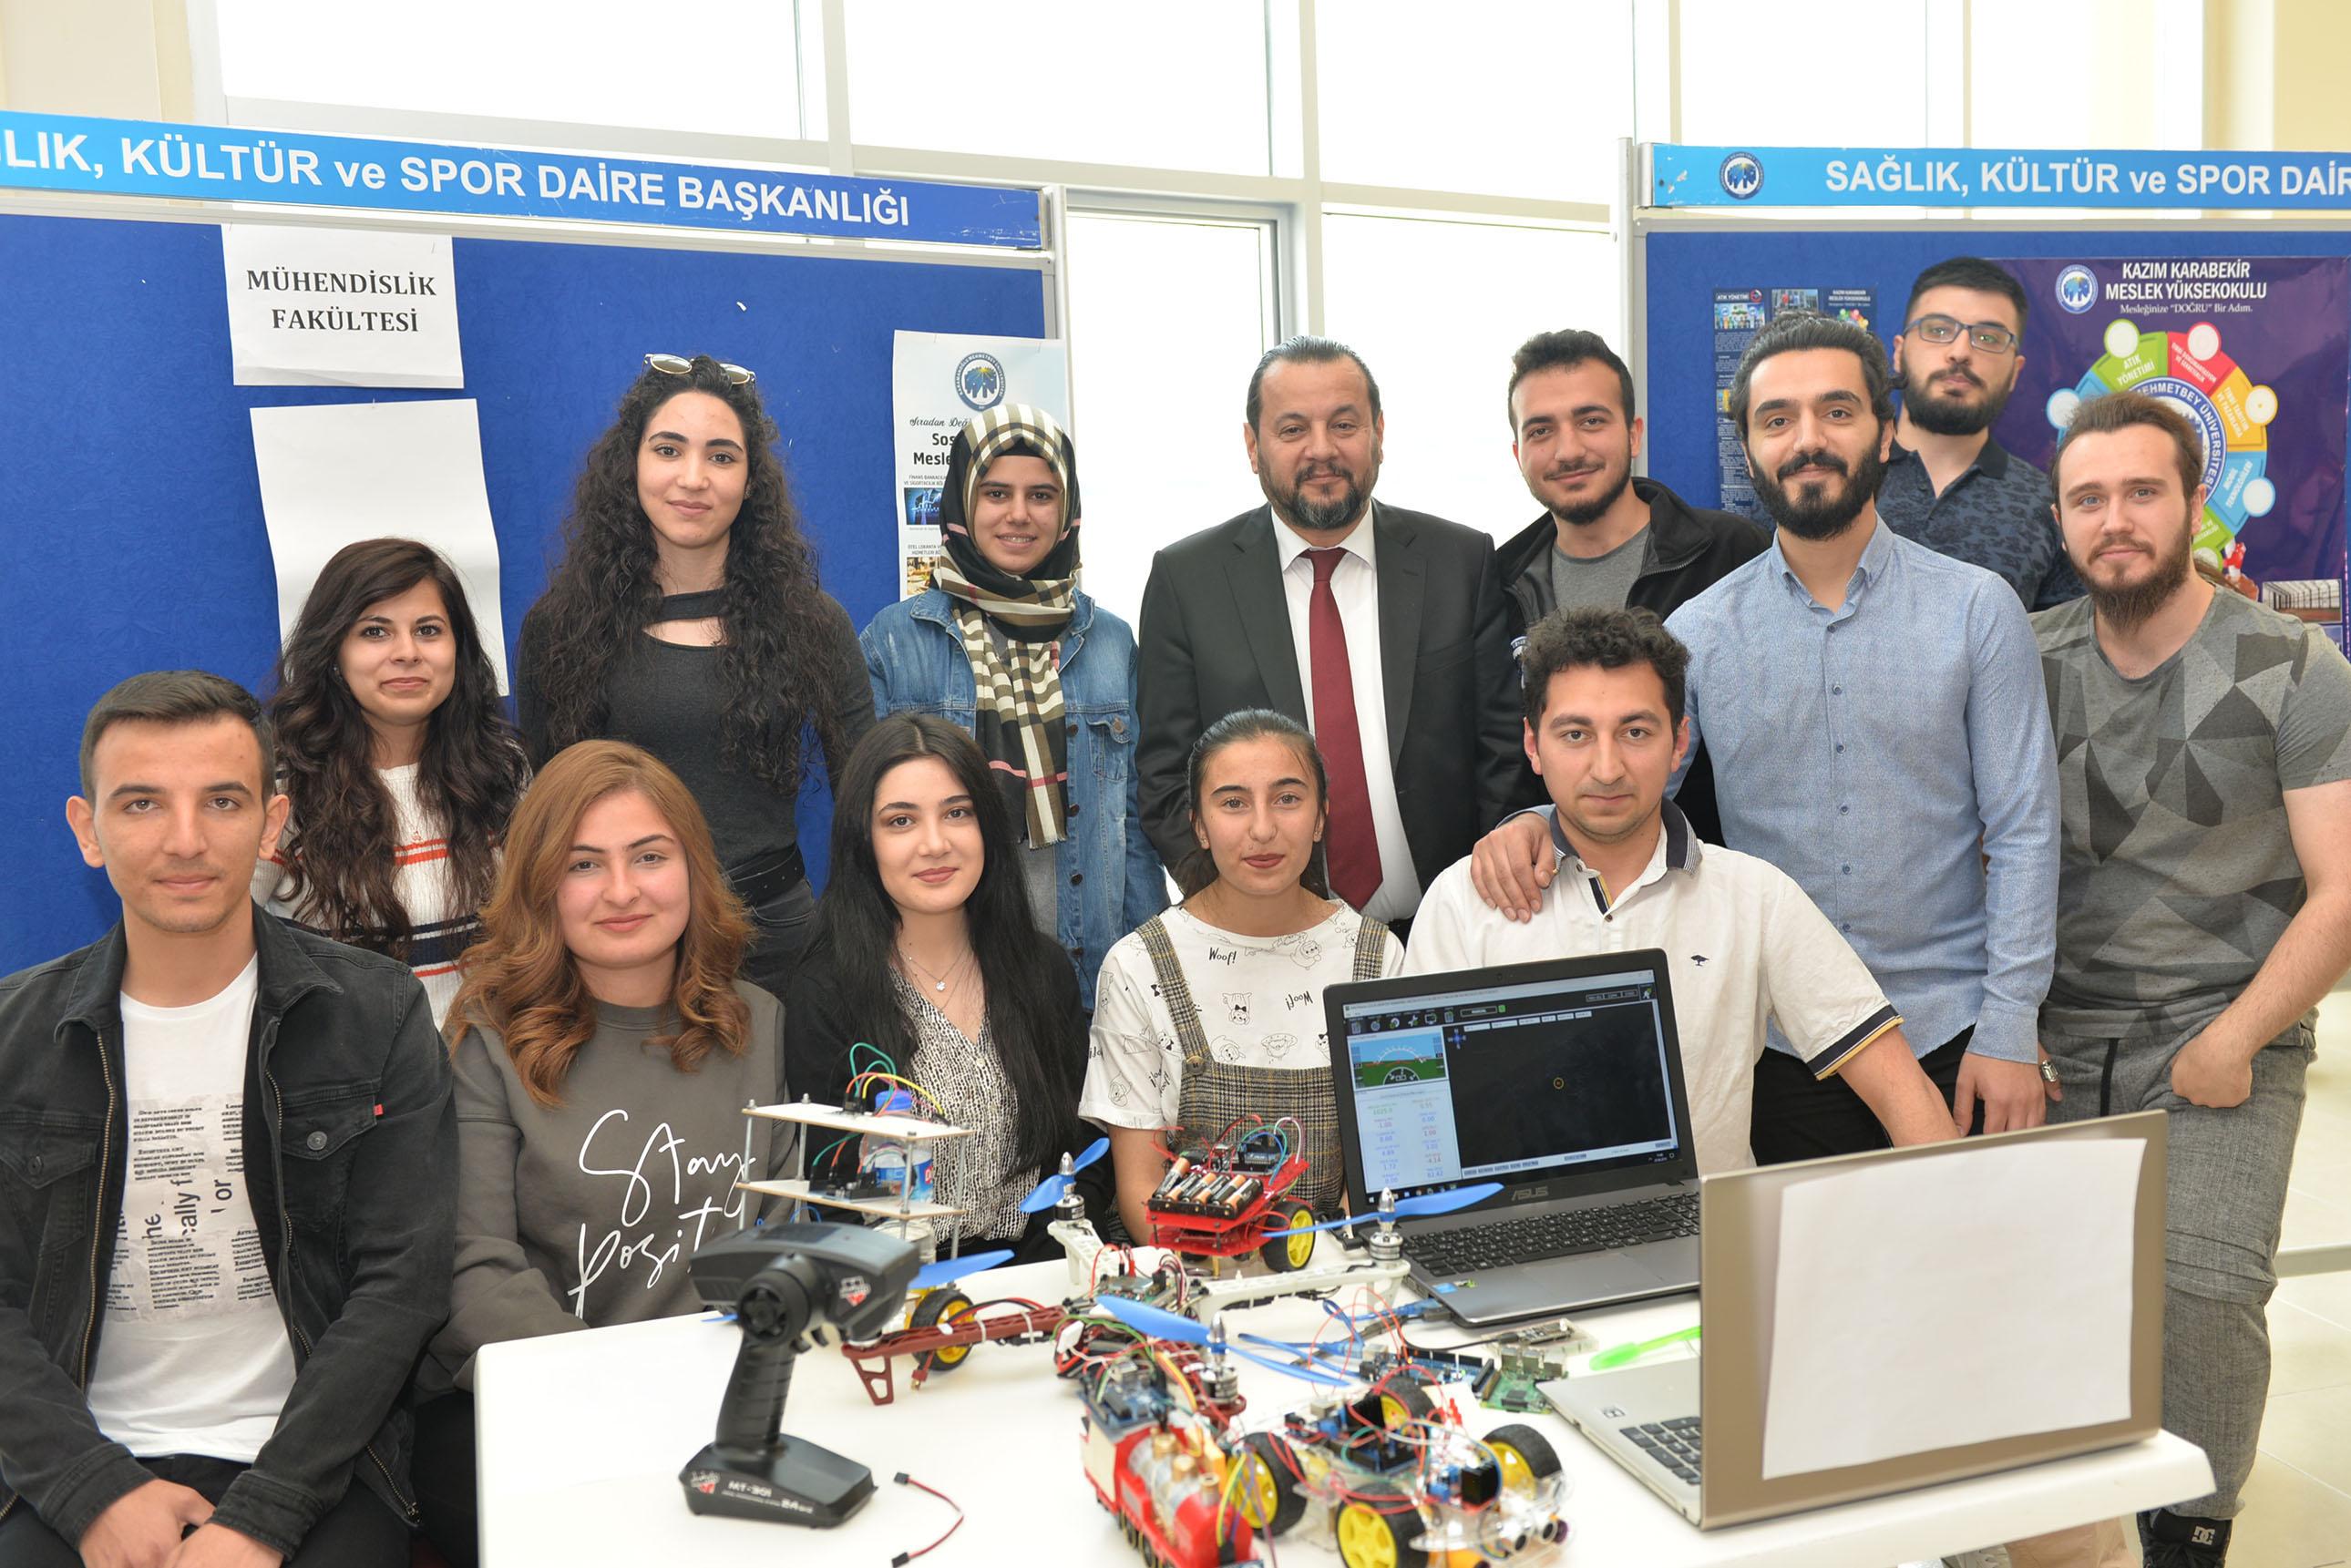 Karaman'a 3 Bin 992 Yeni Öğrenci Geliyor